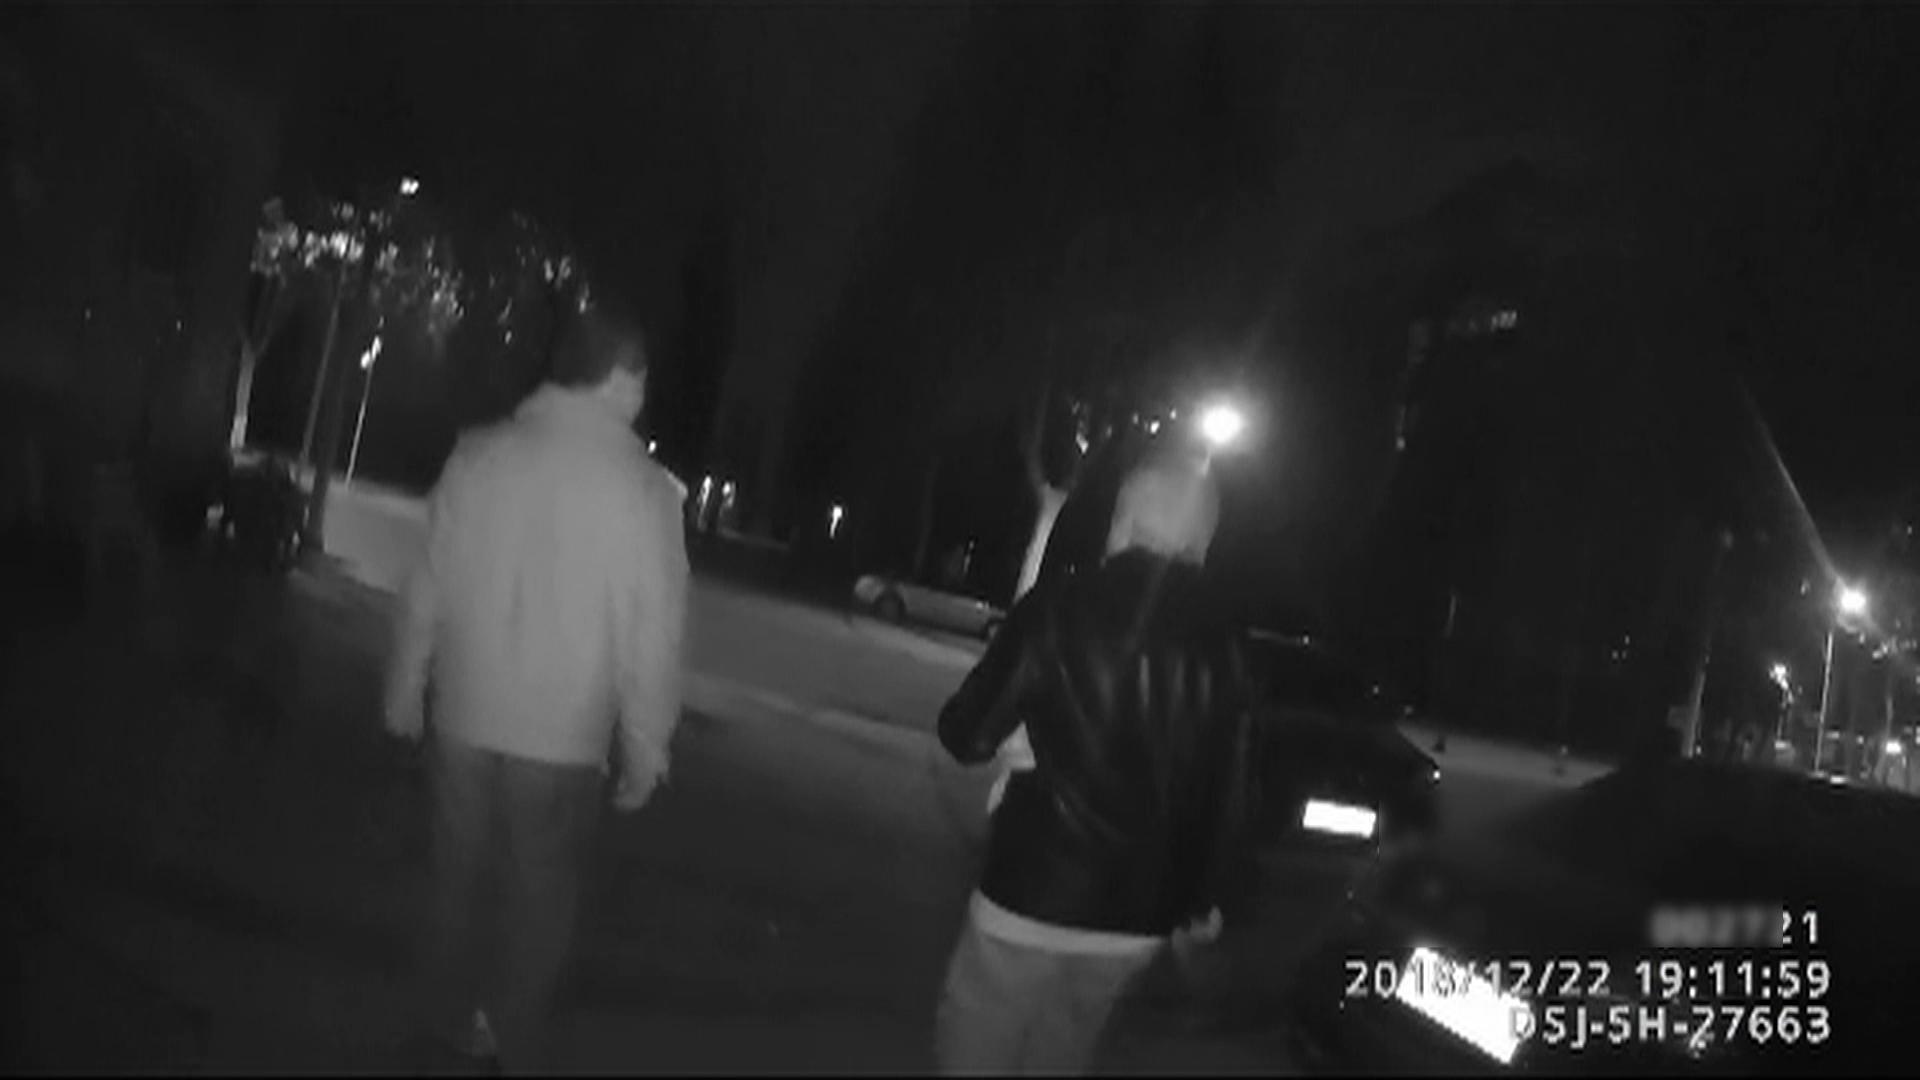 71秒丨七旬外国人淄博赴朋友宴迷路 听不懂中文民警犯难